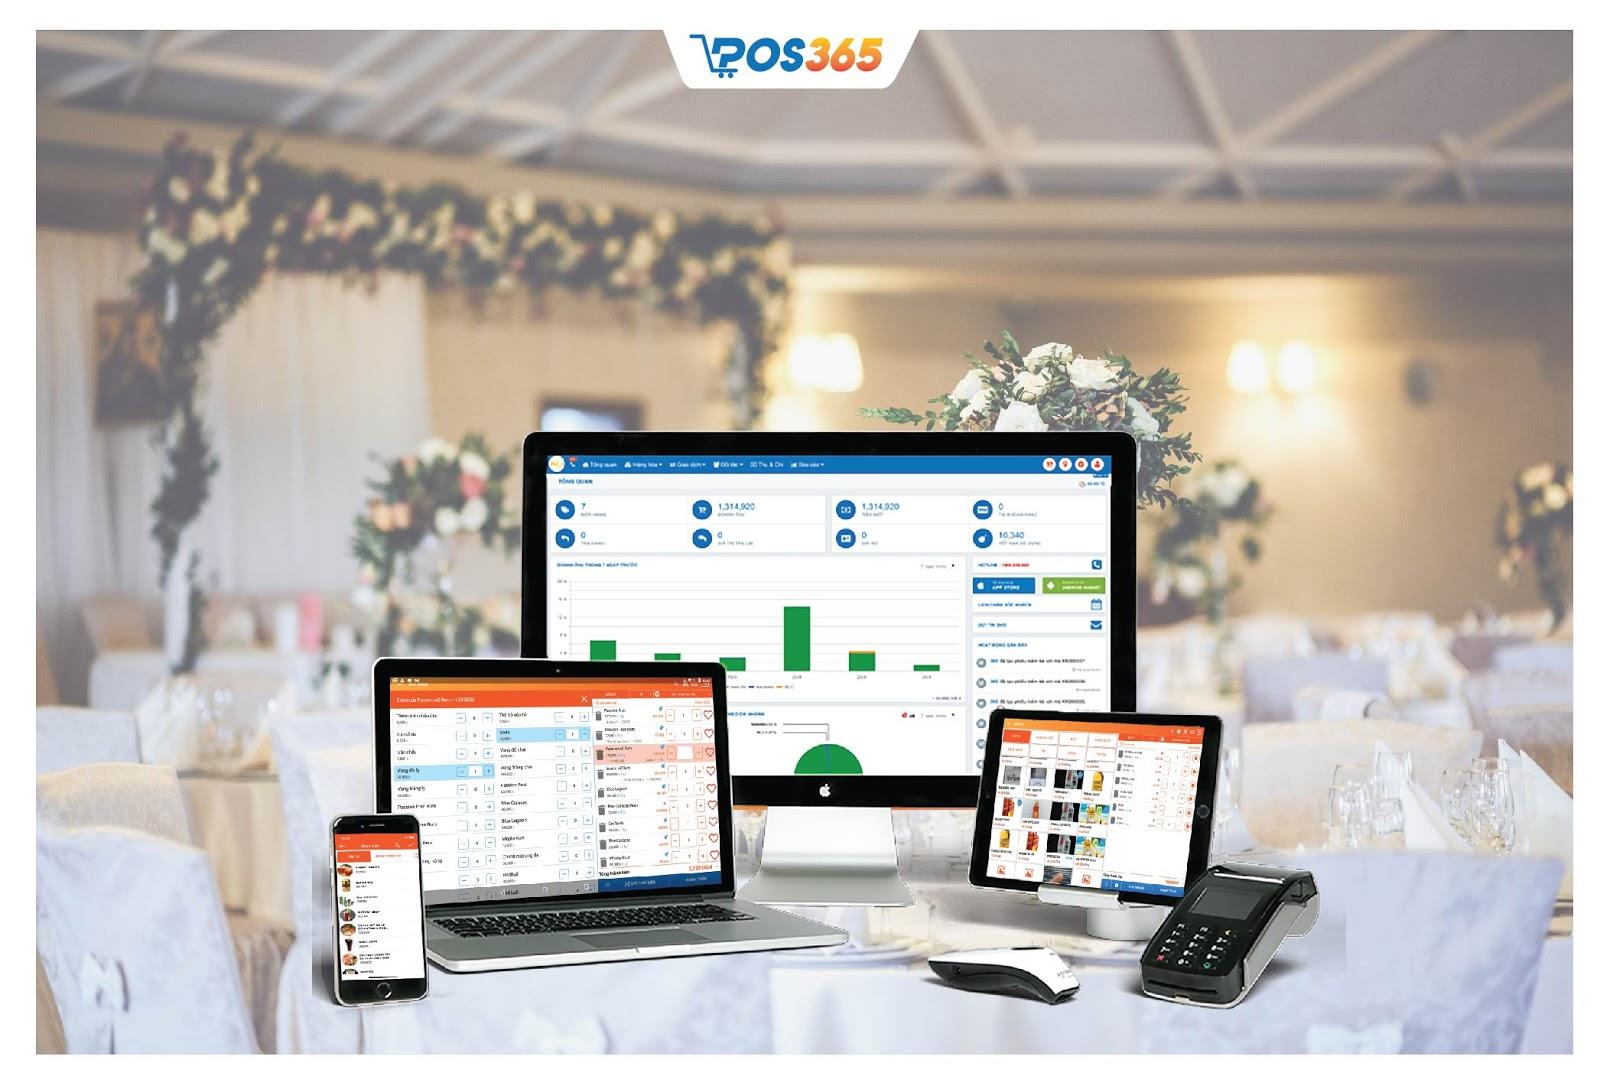 Quản lý nhà hàng với phần mềm POS365